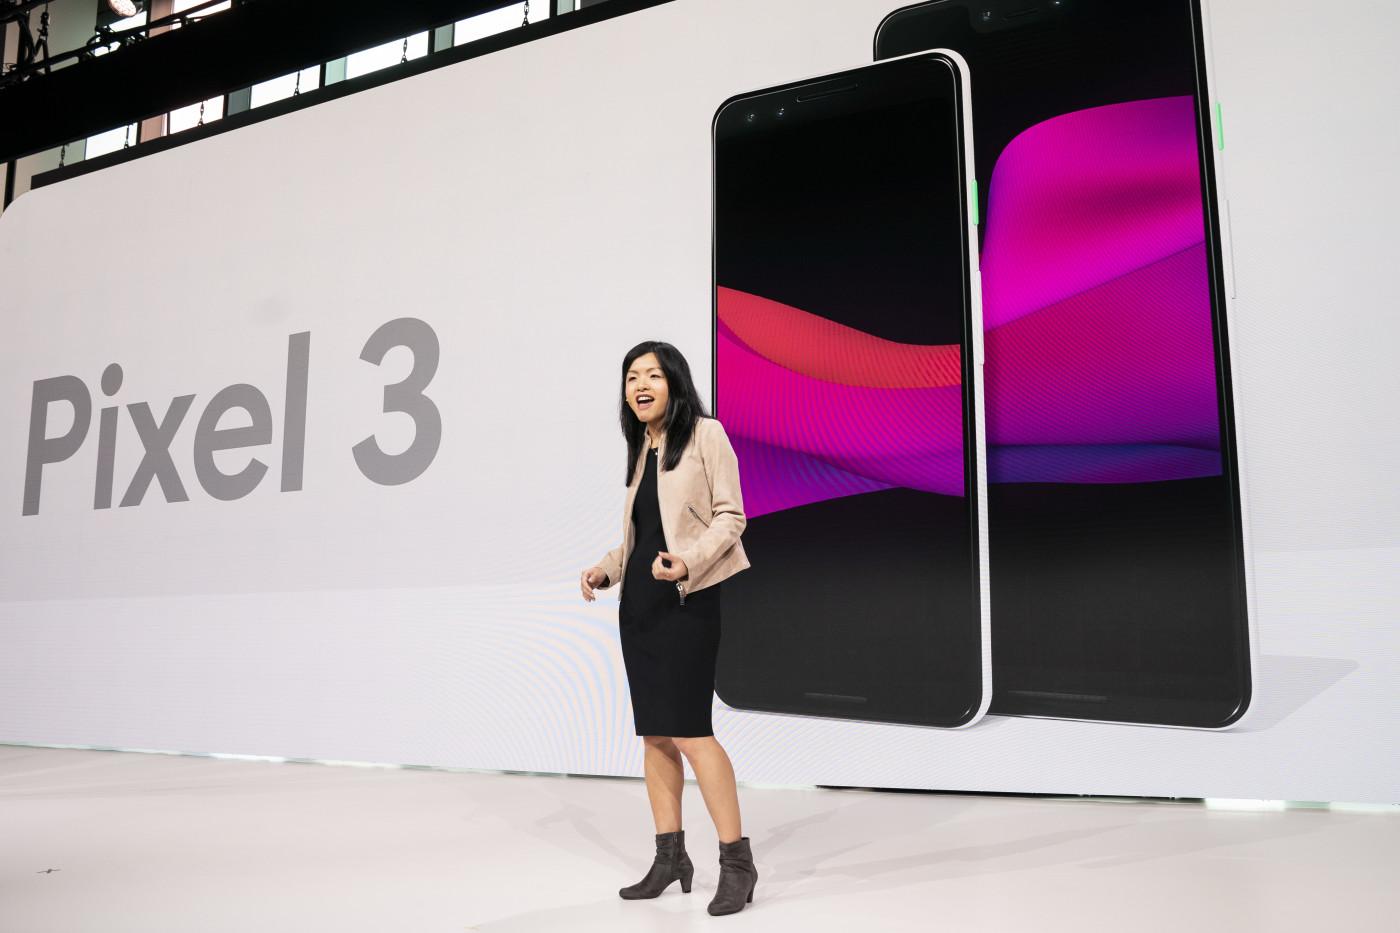 Liza Ma discusses the new Google Pixel 3 and Pixel 3 XL smartphones